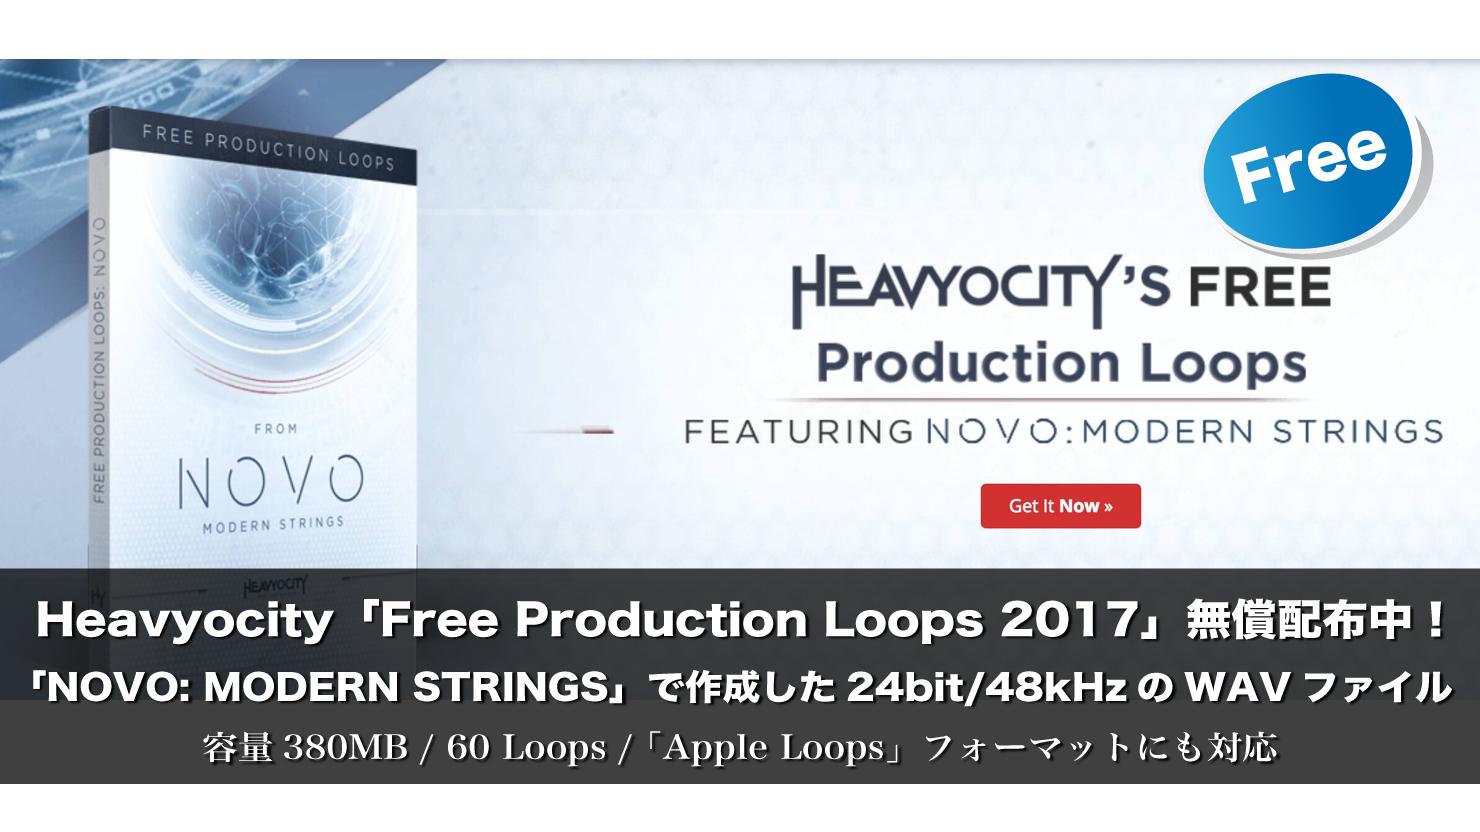 【無料】Heavyocity「Free Production Loops 2017」無償配布中!24bit/48kHz WAVの高音質ループ素材